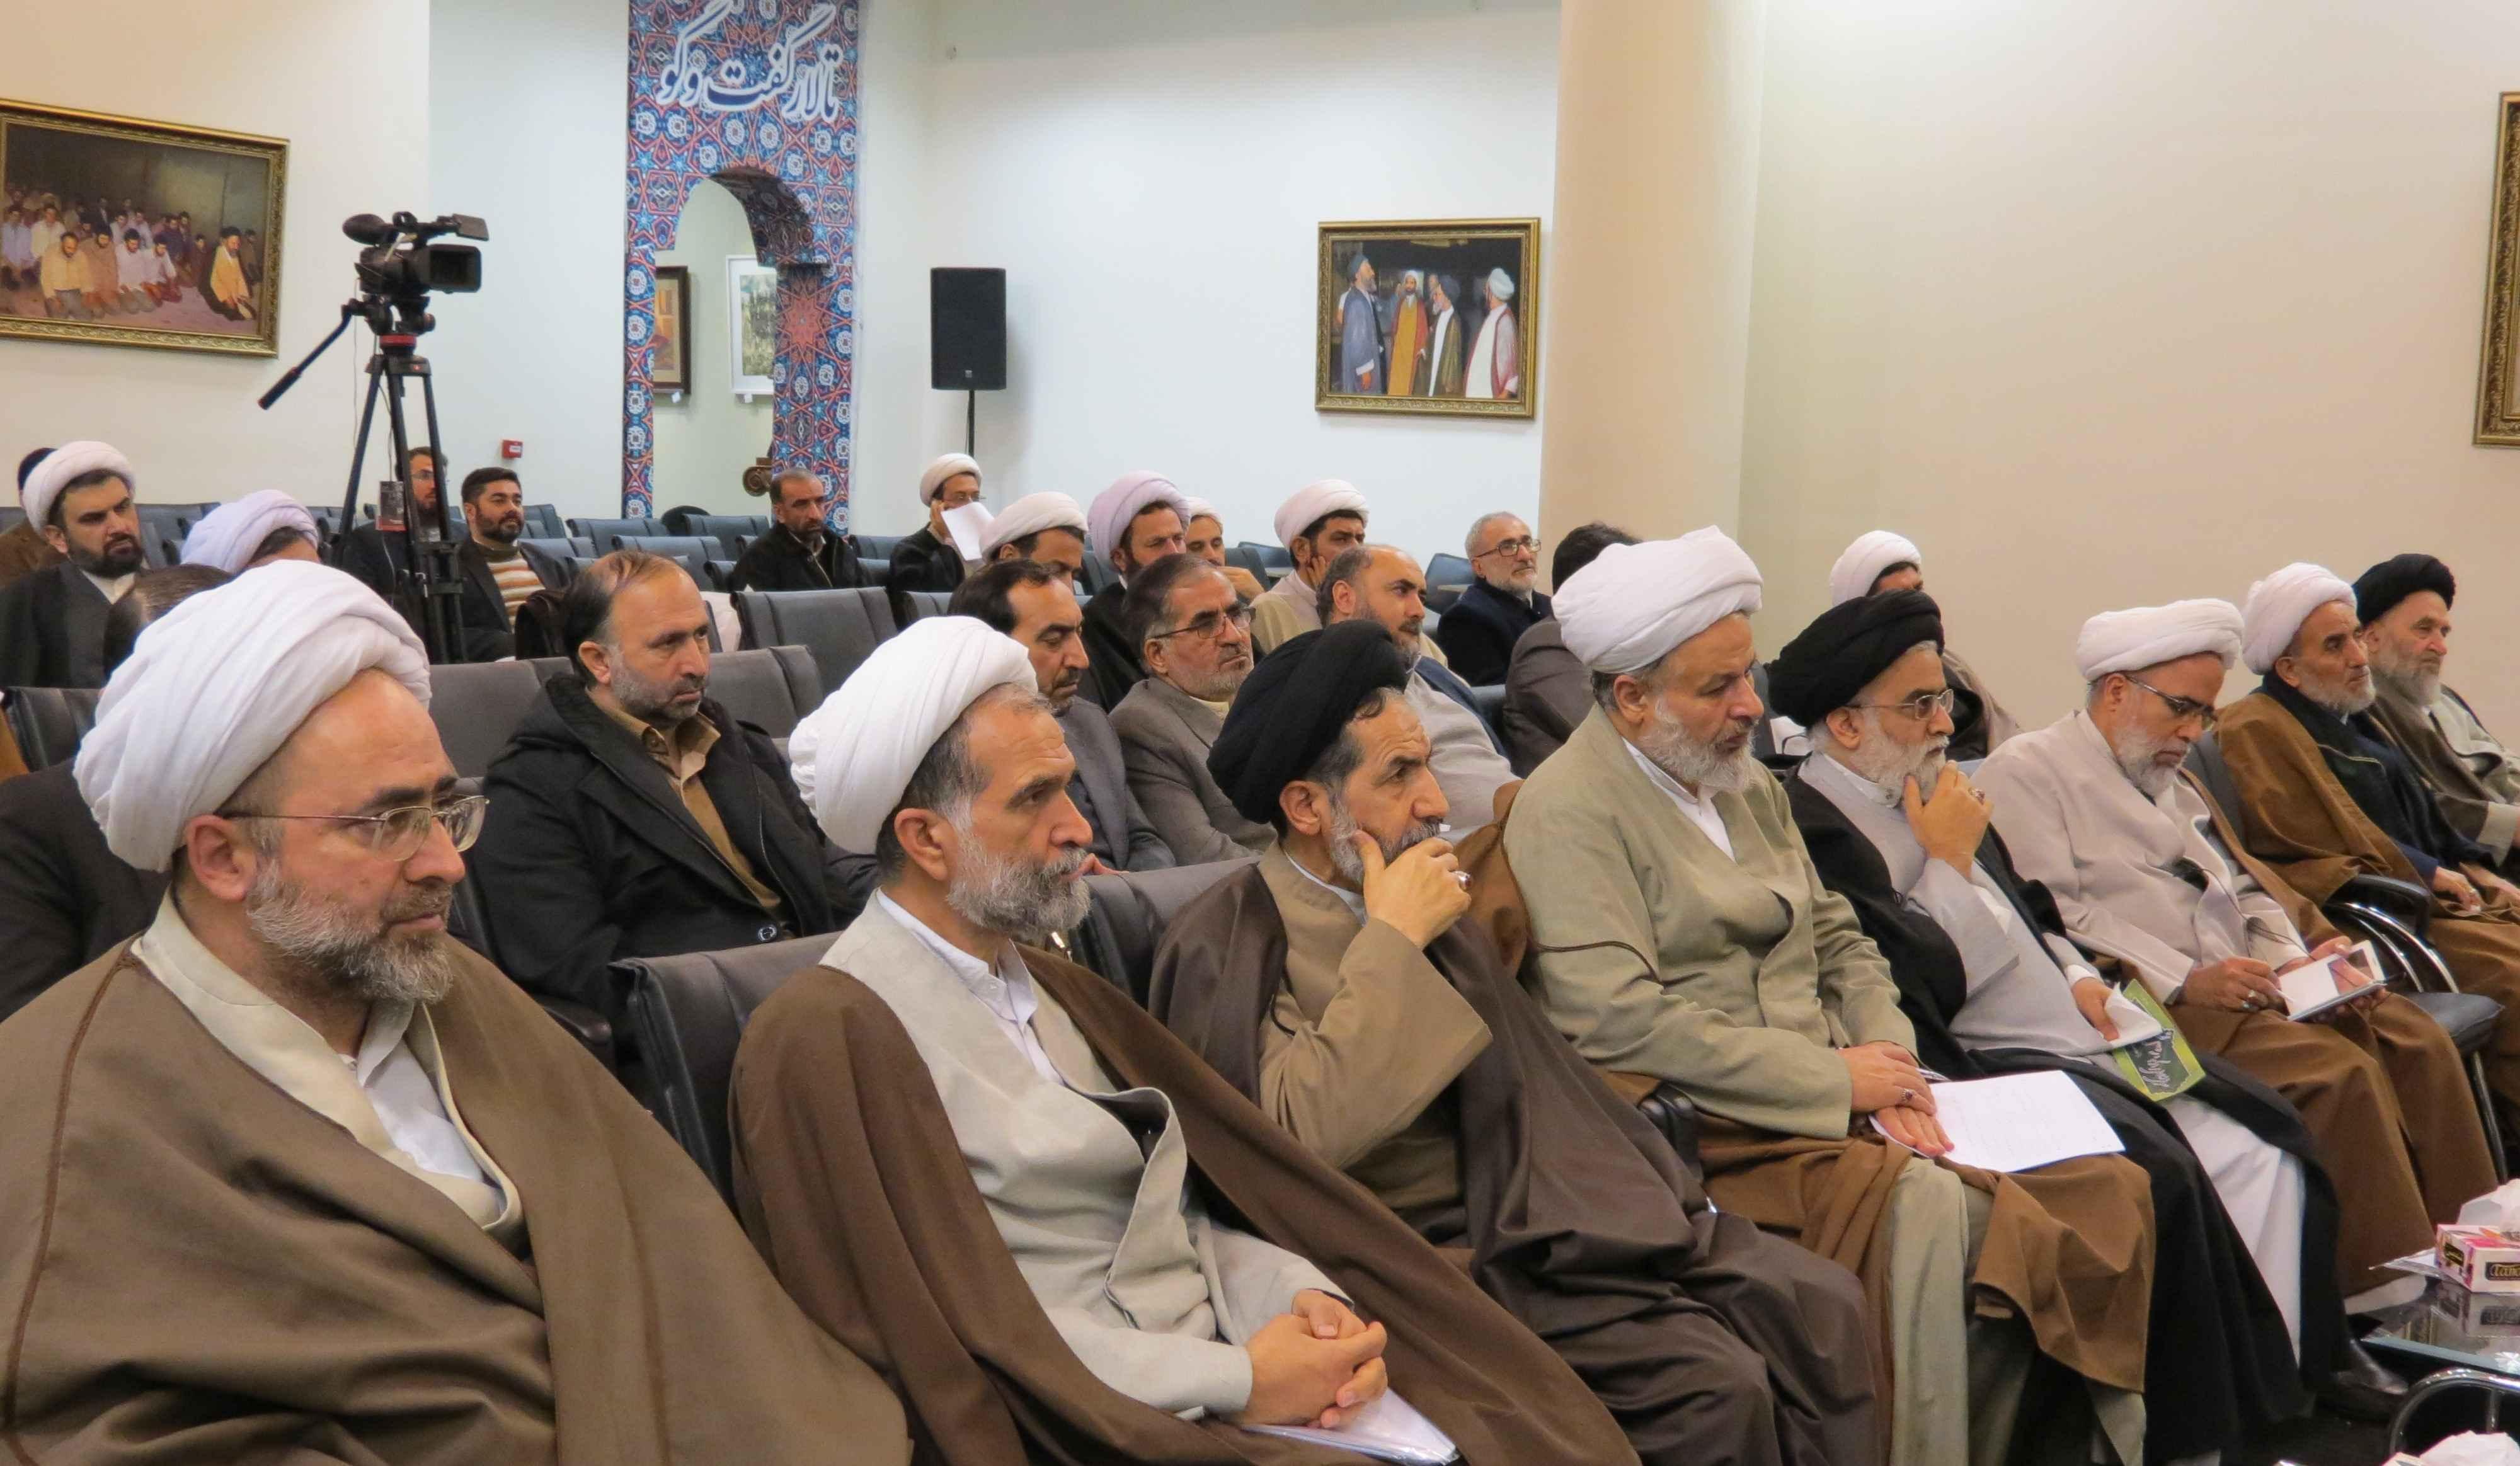 جلسه اساتيد مراکز تخصصي حوزه علميه استان تهران برگزار شد